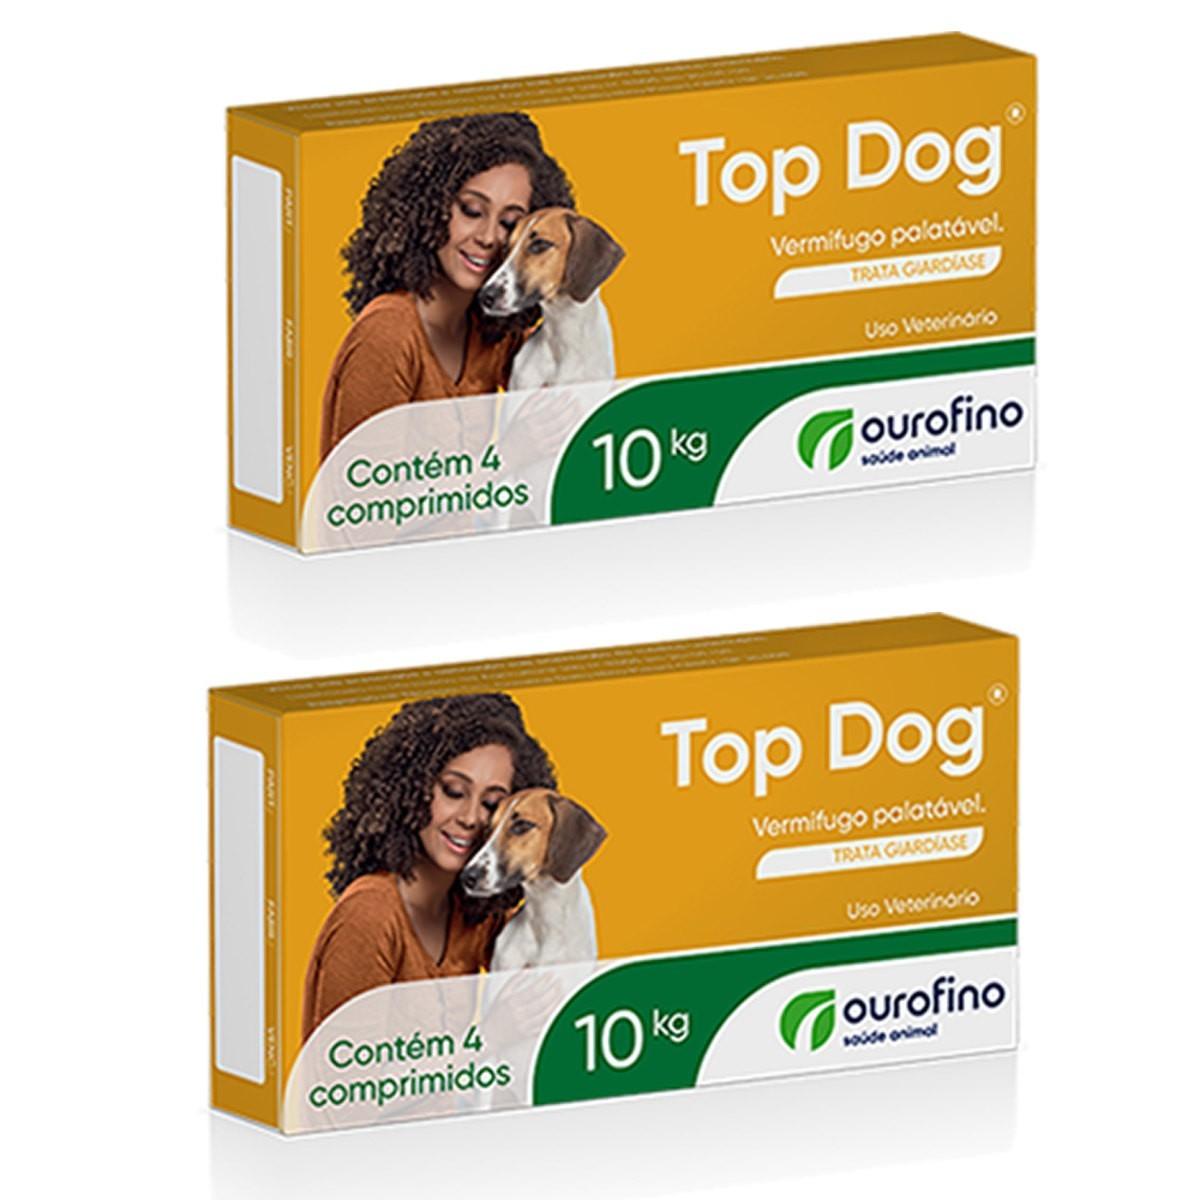 Kit 2 Vermífugo Top Dog Ourofino Cães Até 10 Kg Com 4 Comprimidos